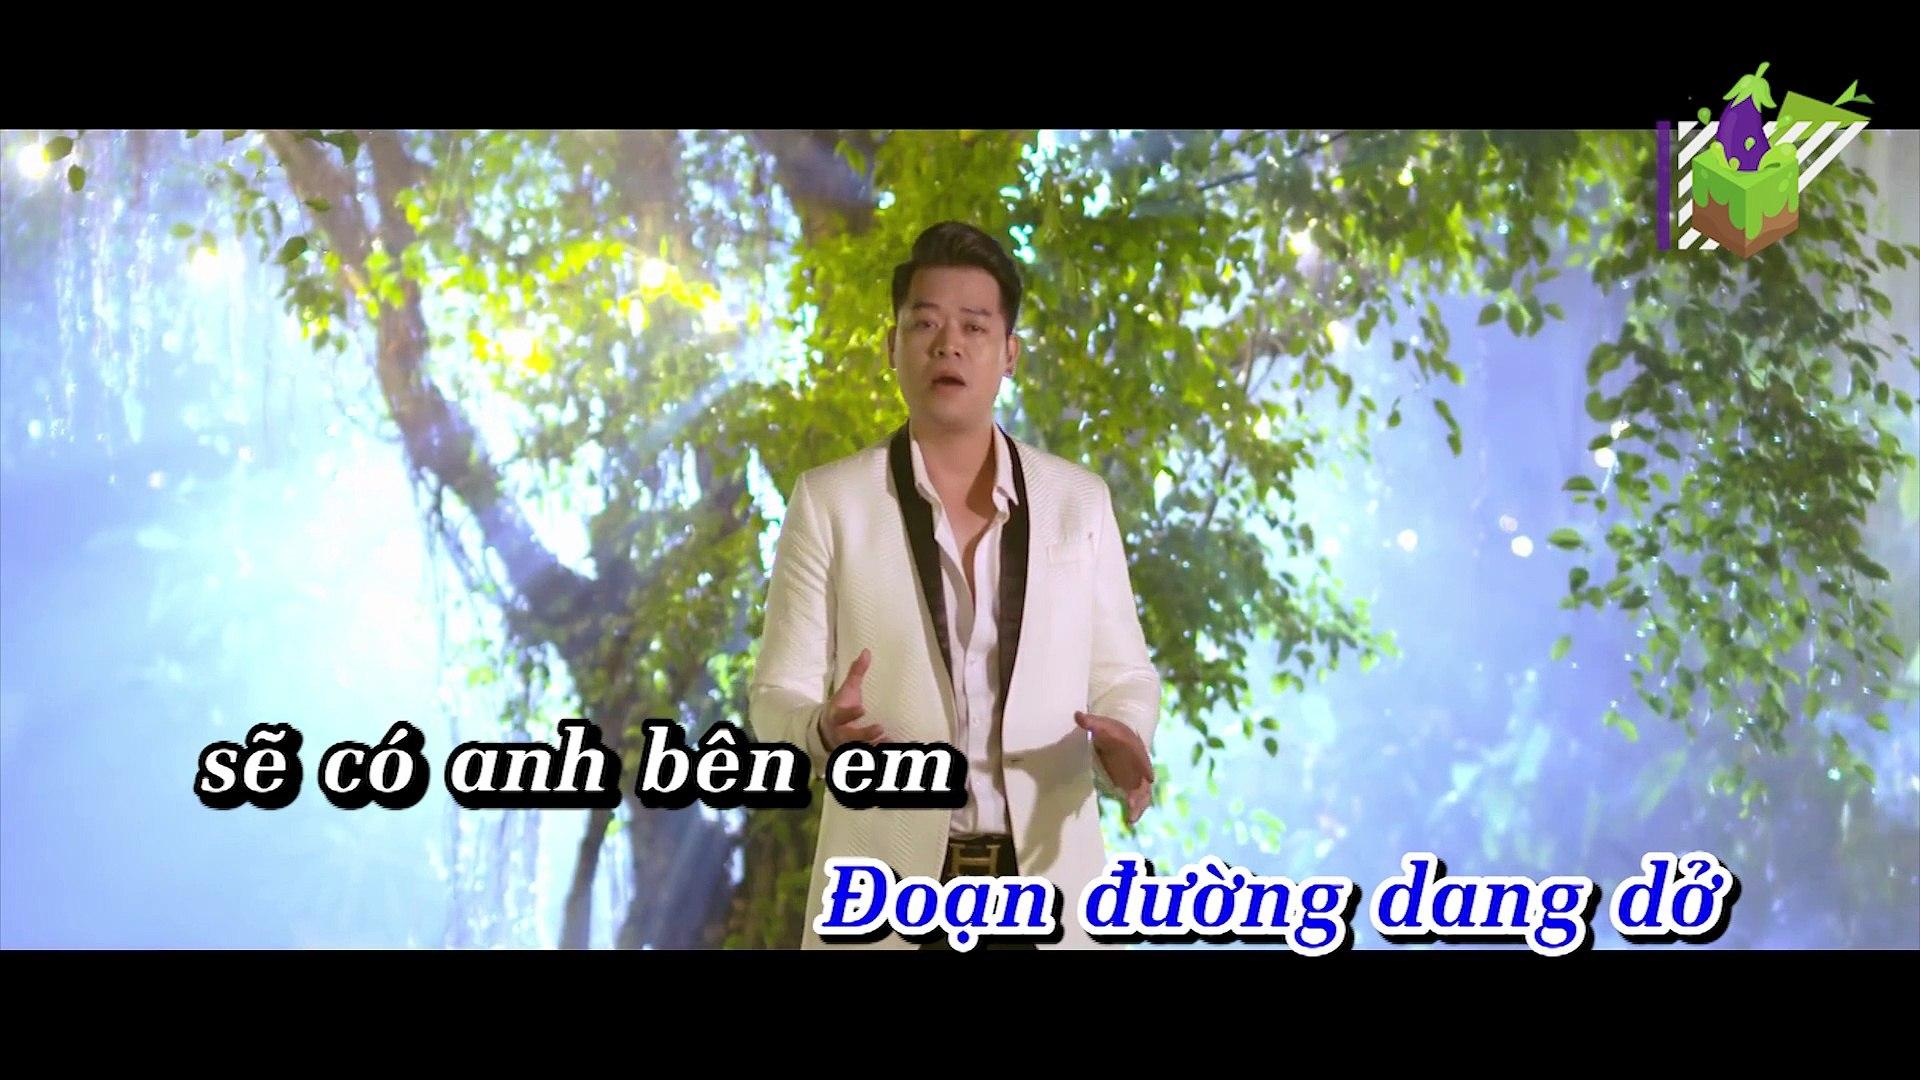 [Karaoke] Chờ Anh Em Nhé - Châu Khải Phong Ft. Thành Nam [Beat]